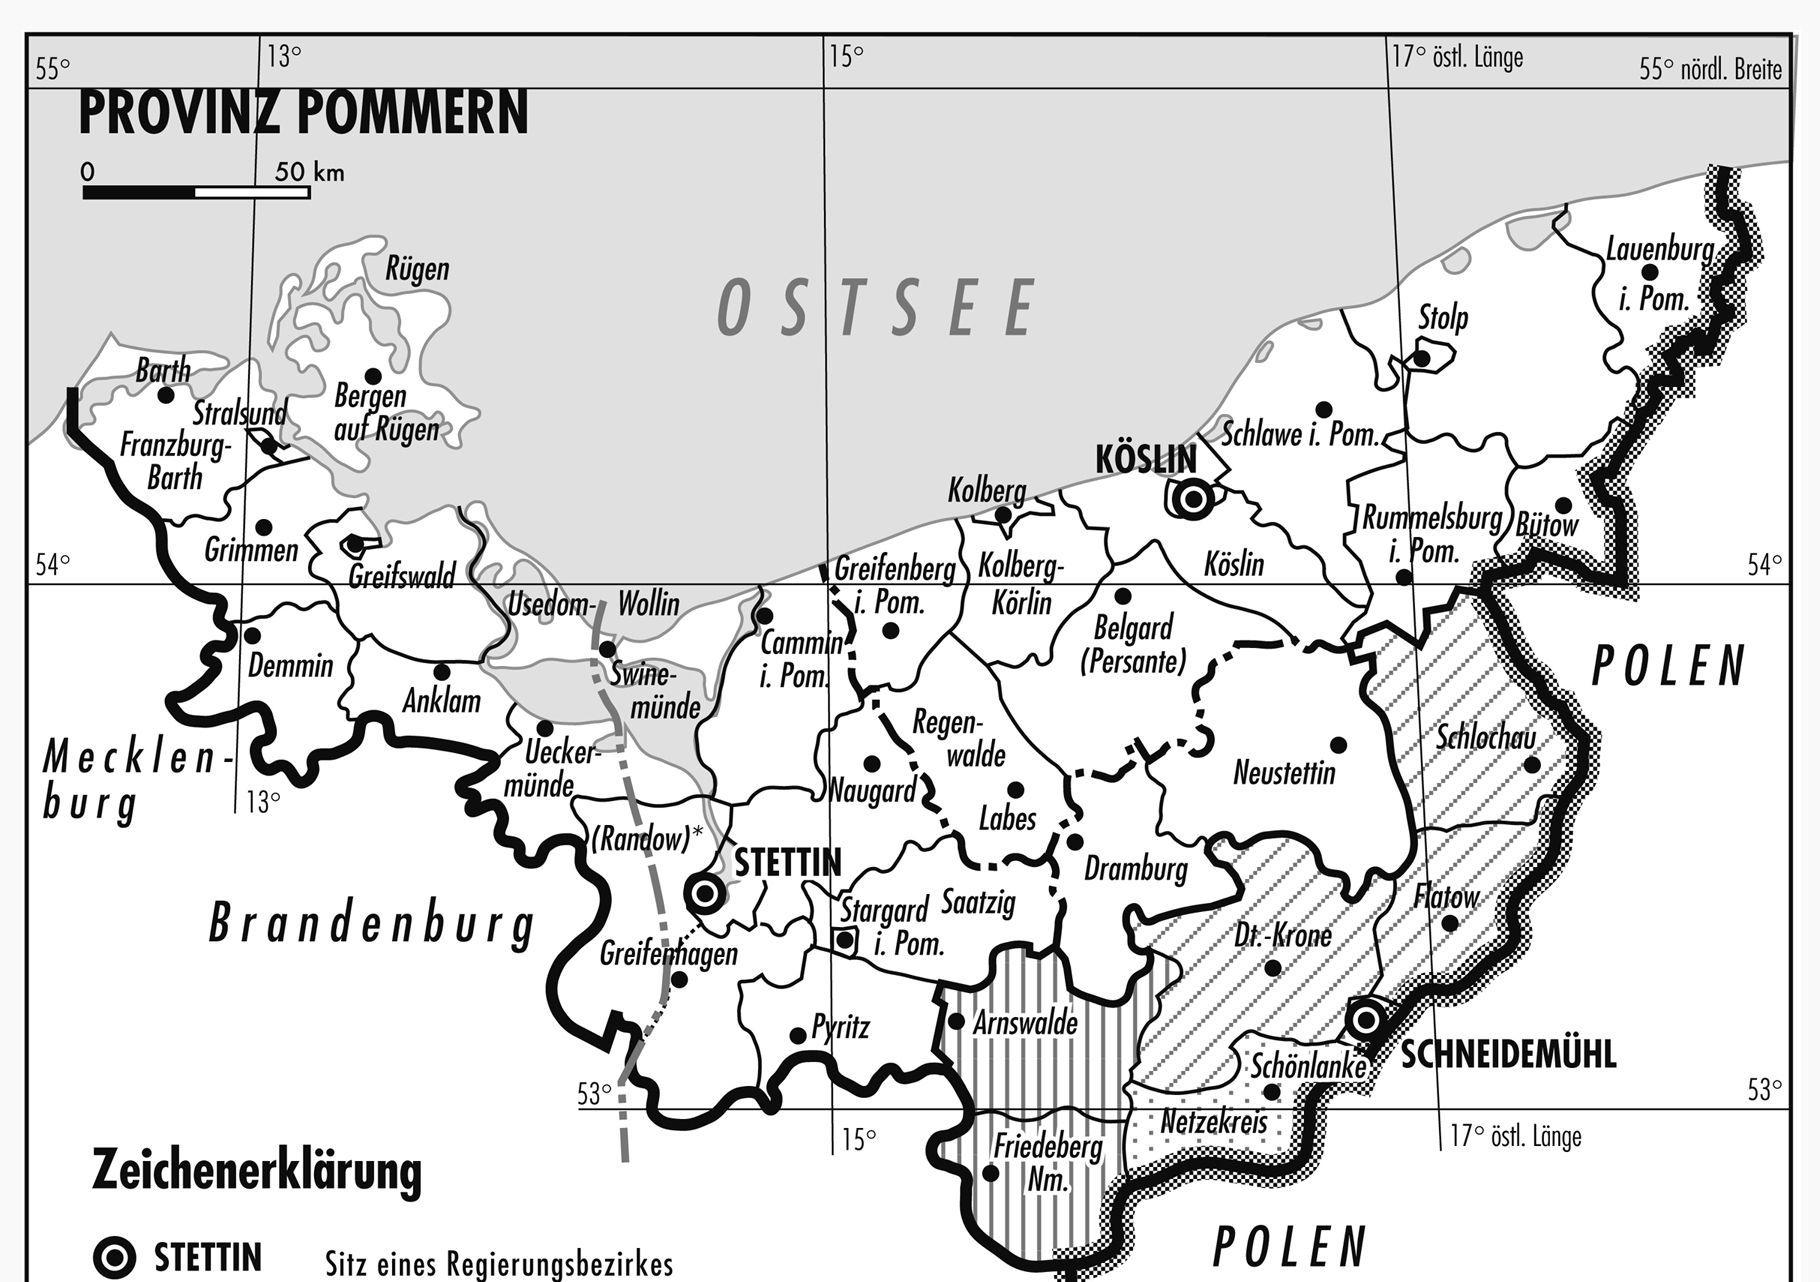 Pommern Karte Vor 1945.Greifenberg Pommern